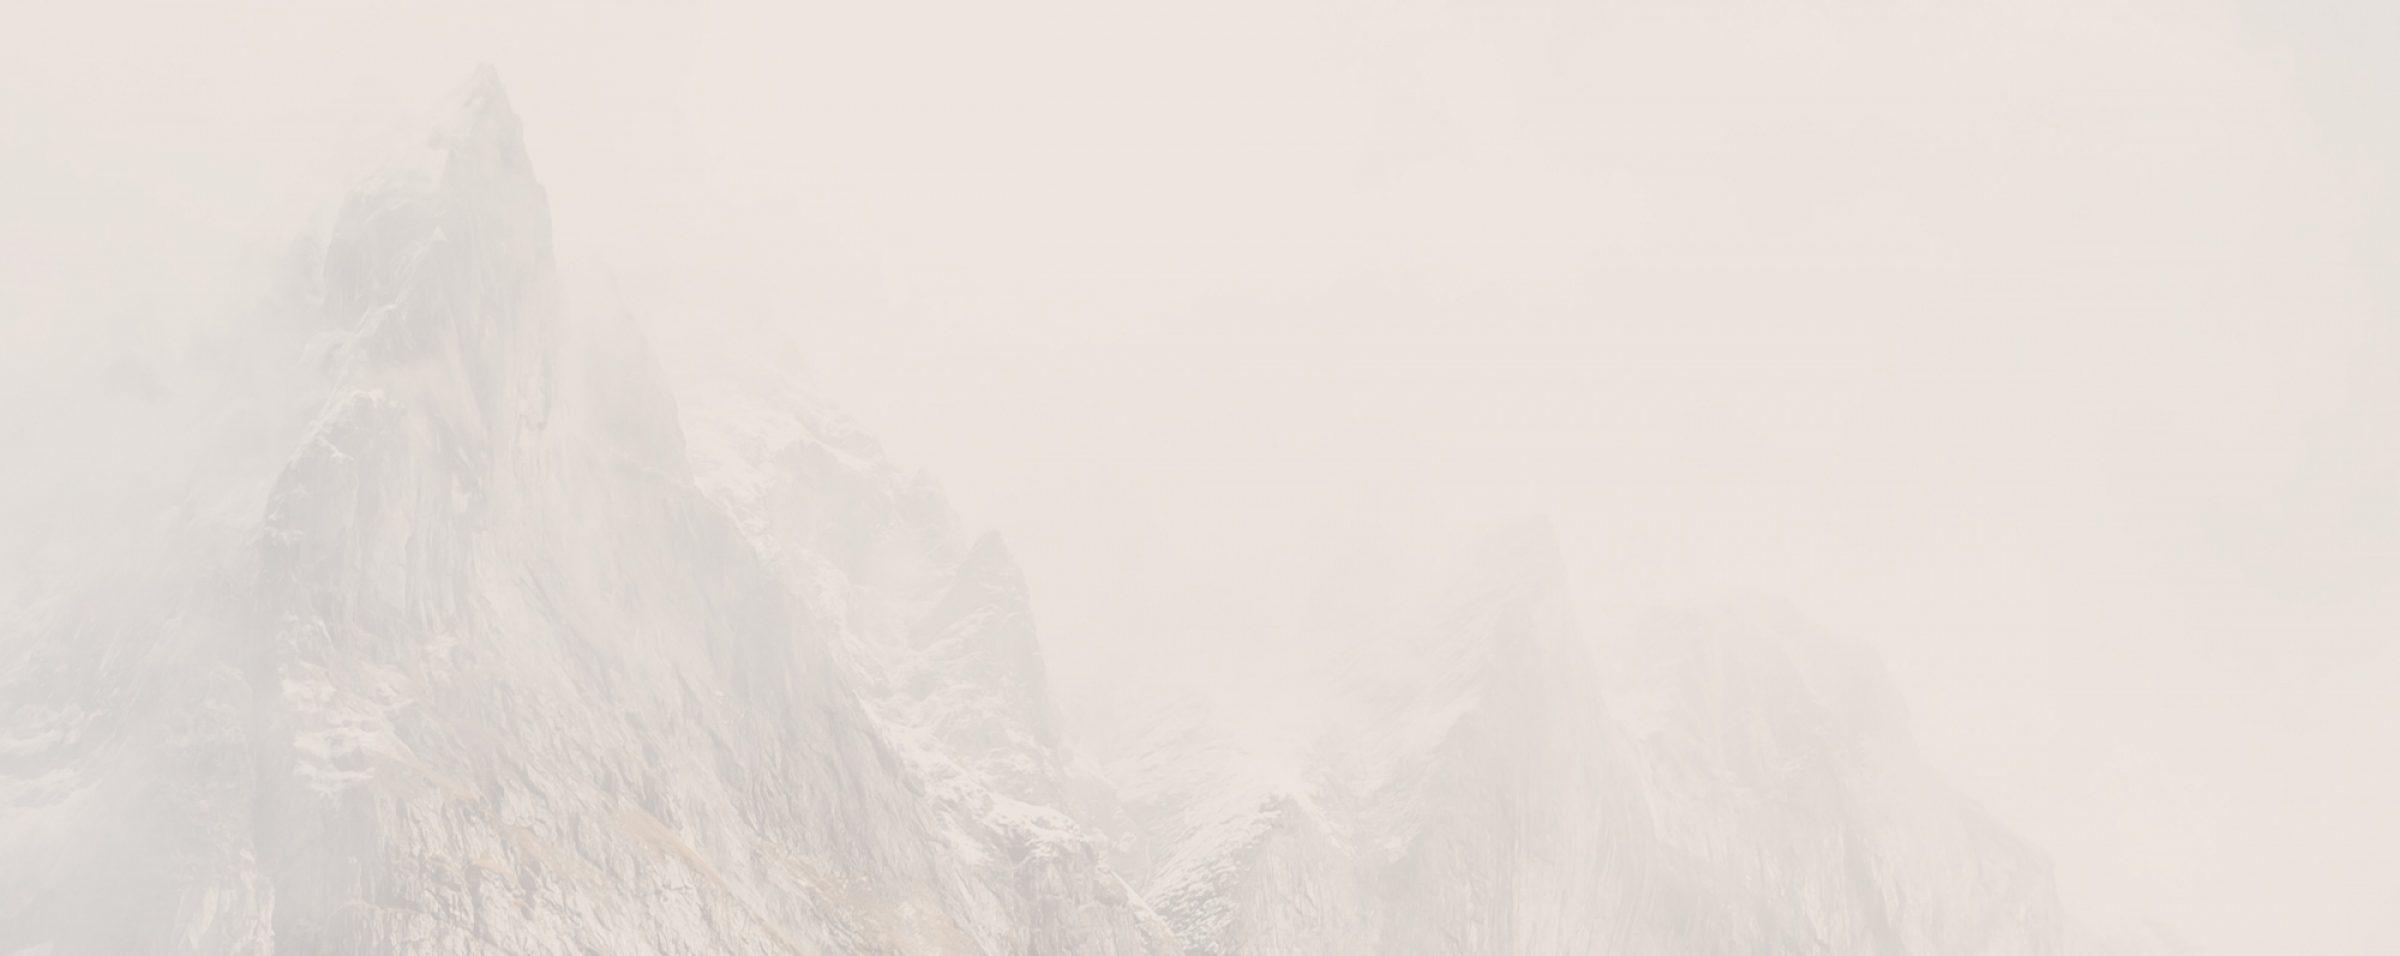 Mountains tan bg 2x